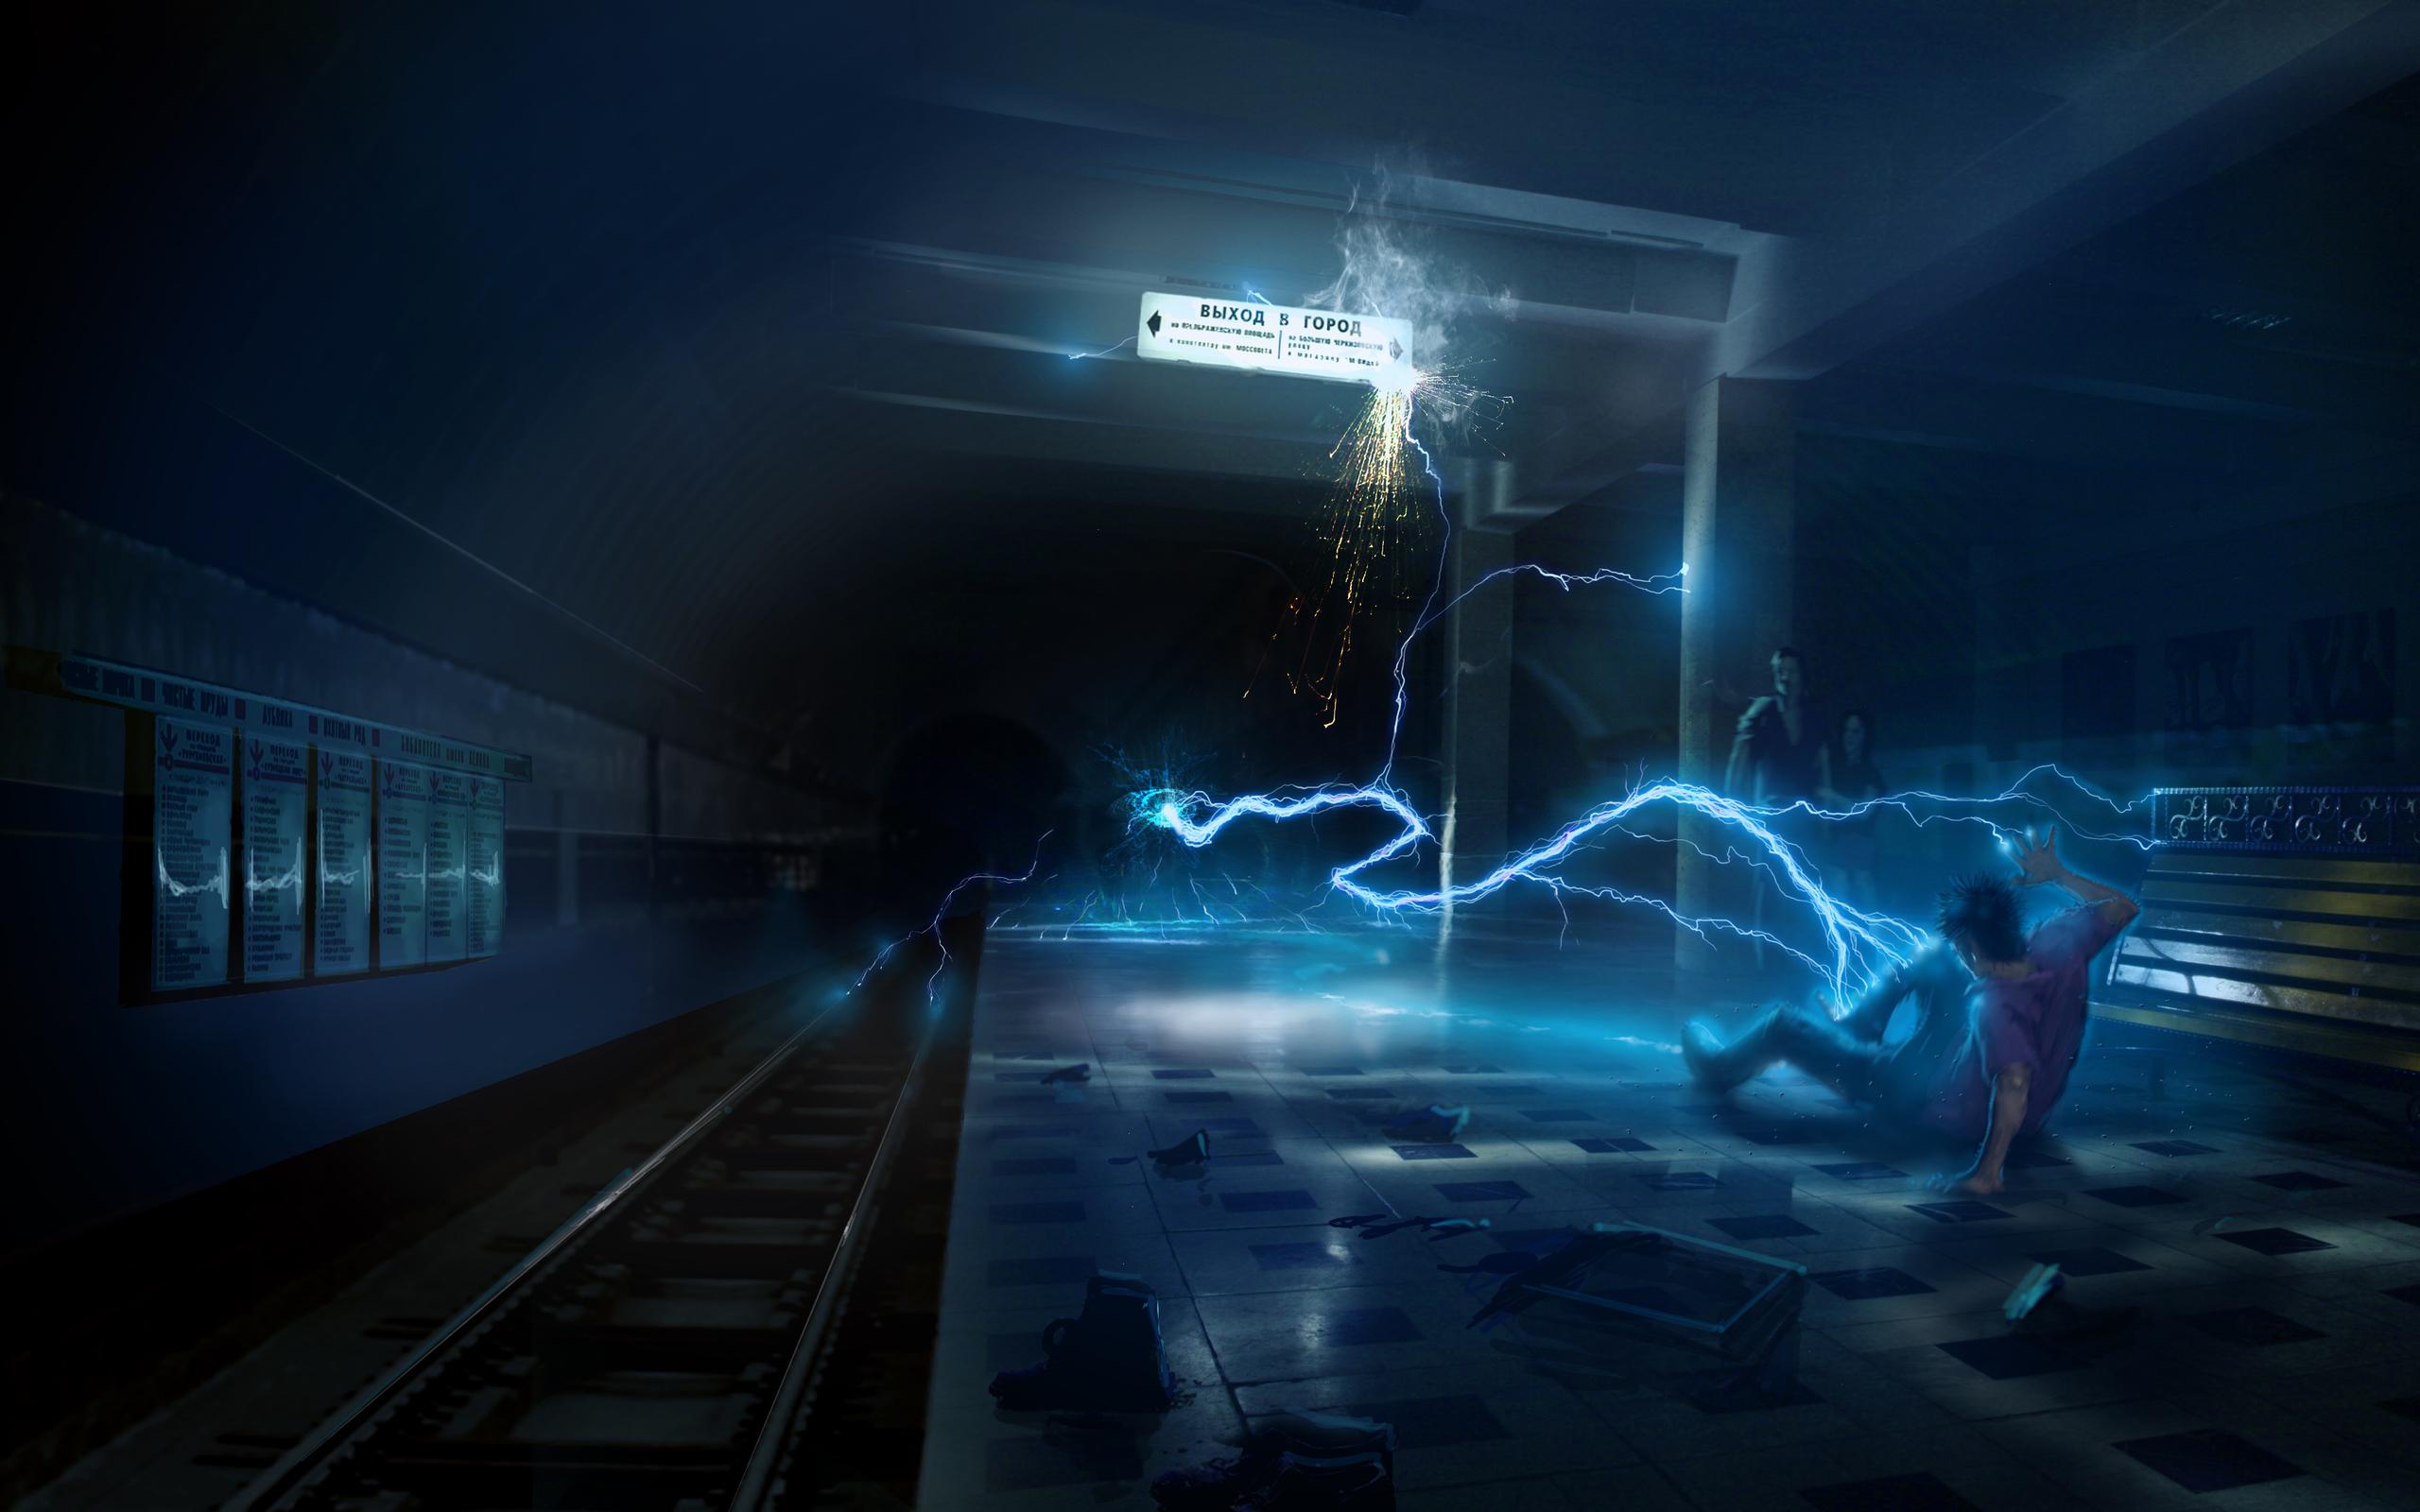 Обои фантастика картинка метро